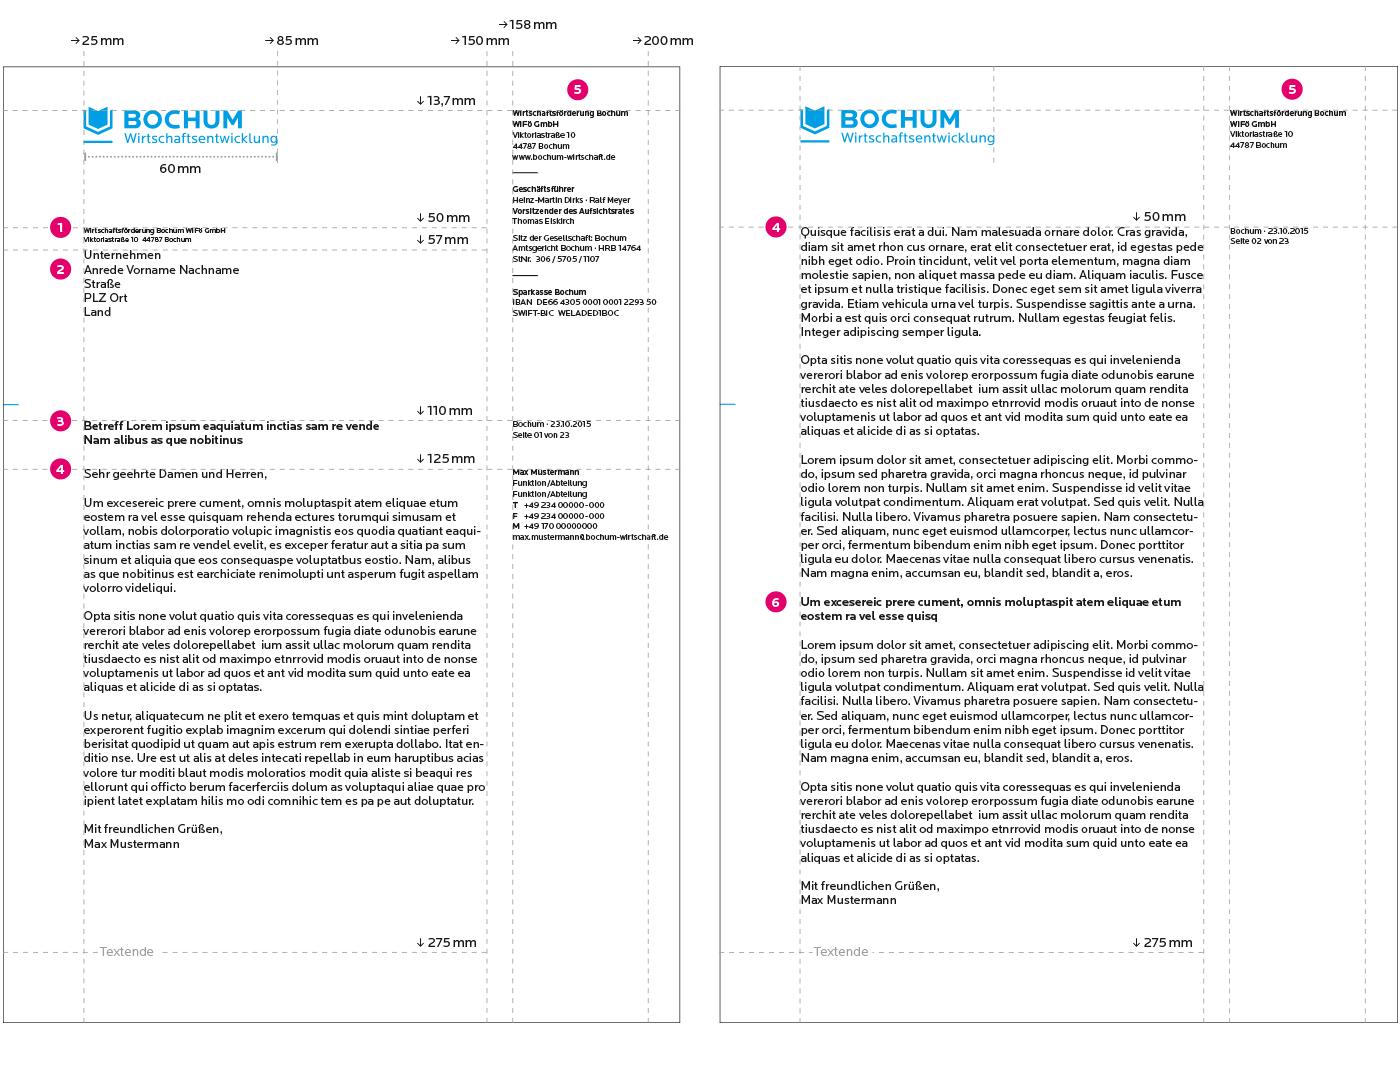 Bochum Wirtschaftsentwicklung Geschäftsausstattung Briefbögen